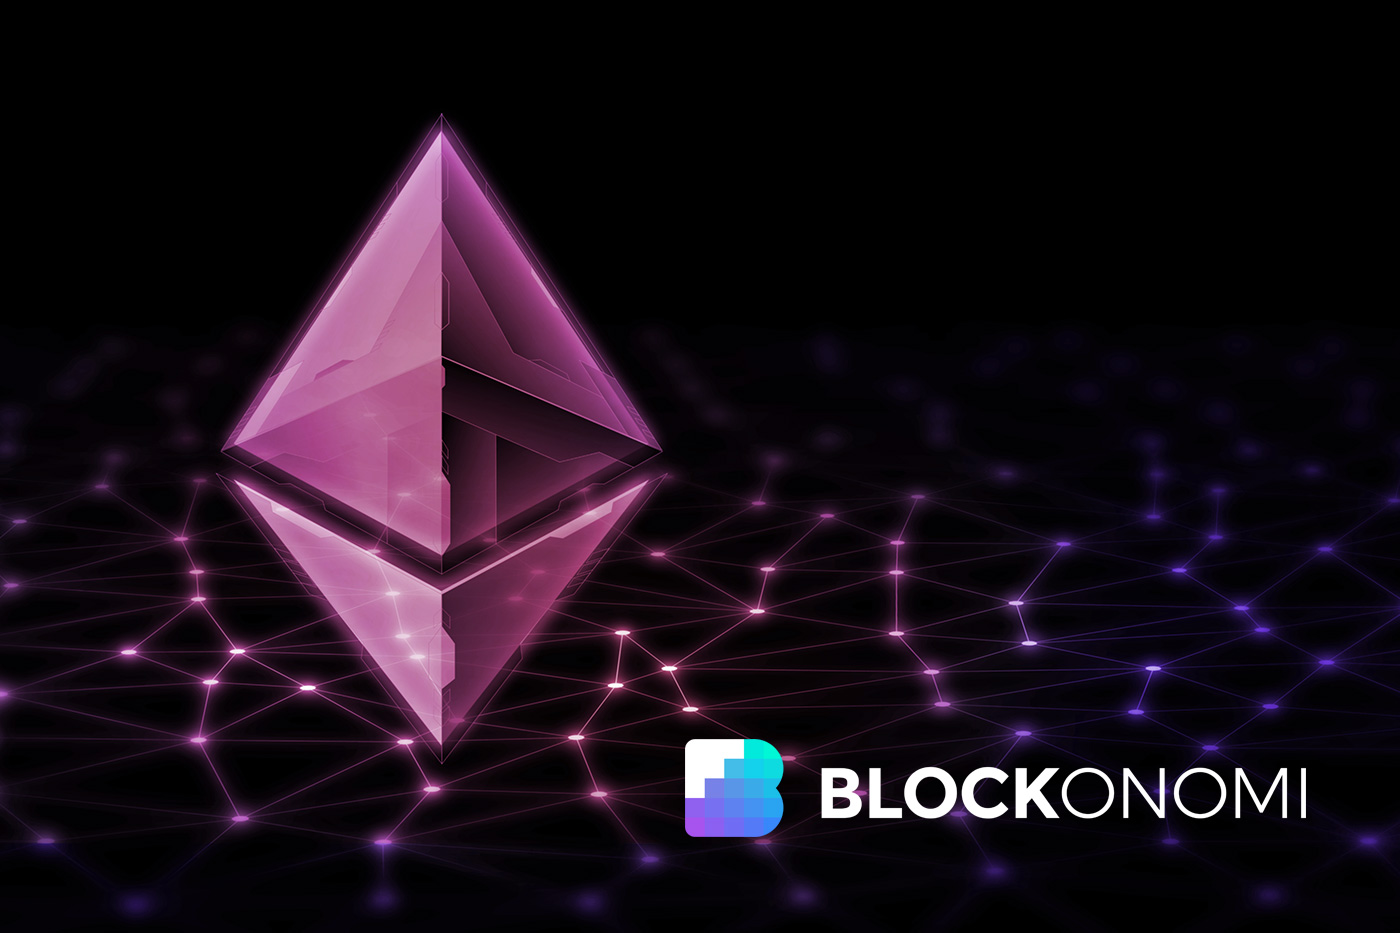 Pengguna Ethereum Menjual Token Sendiri: Kerugian Hukum?